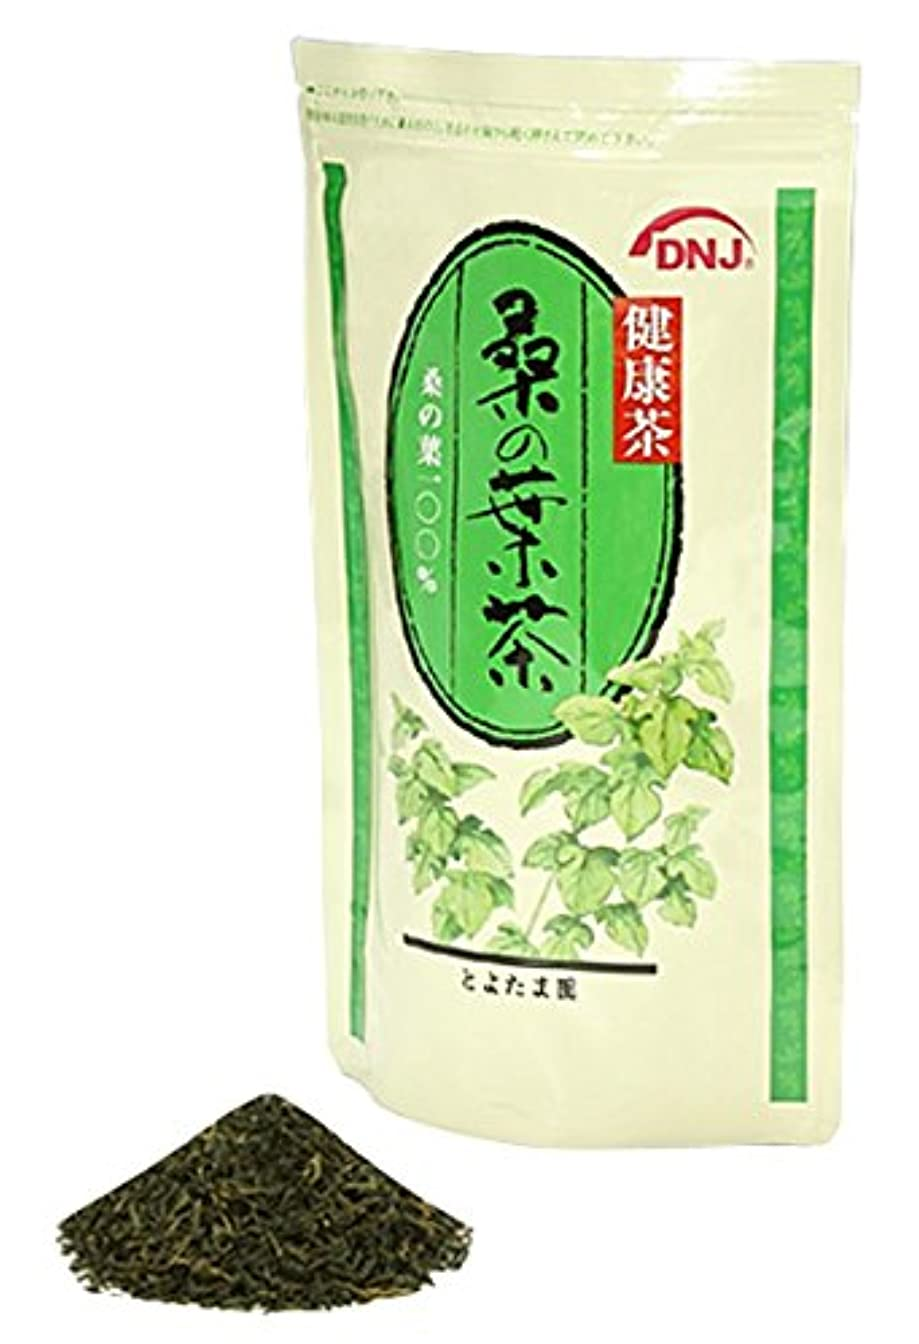 真夜中以上絶えずトヨタマ(TOYOTAMA) 国産健康茶 桑の葉茶 90g 01096195